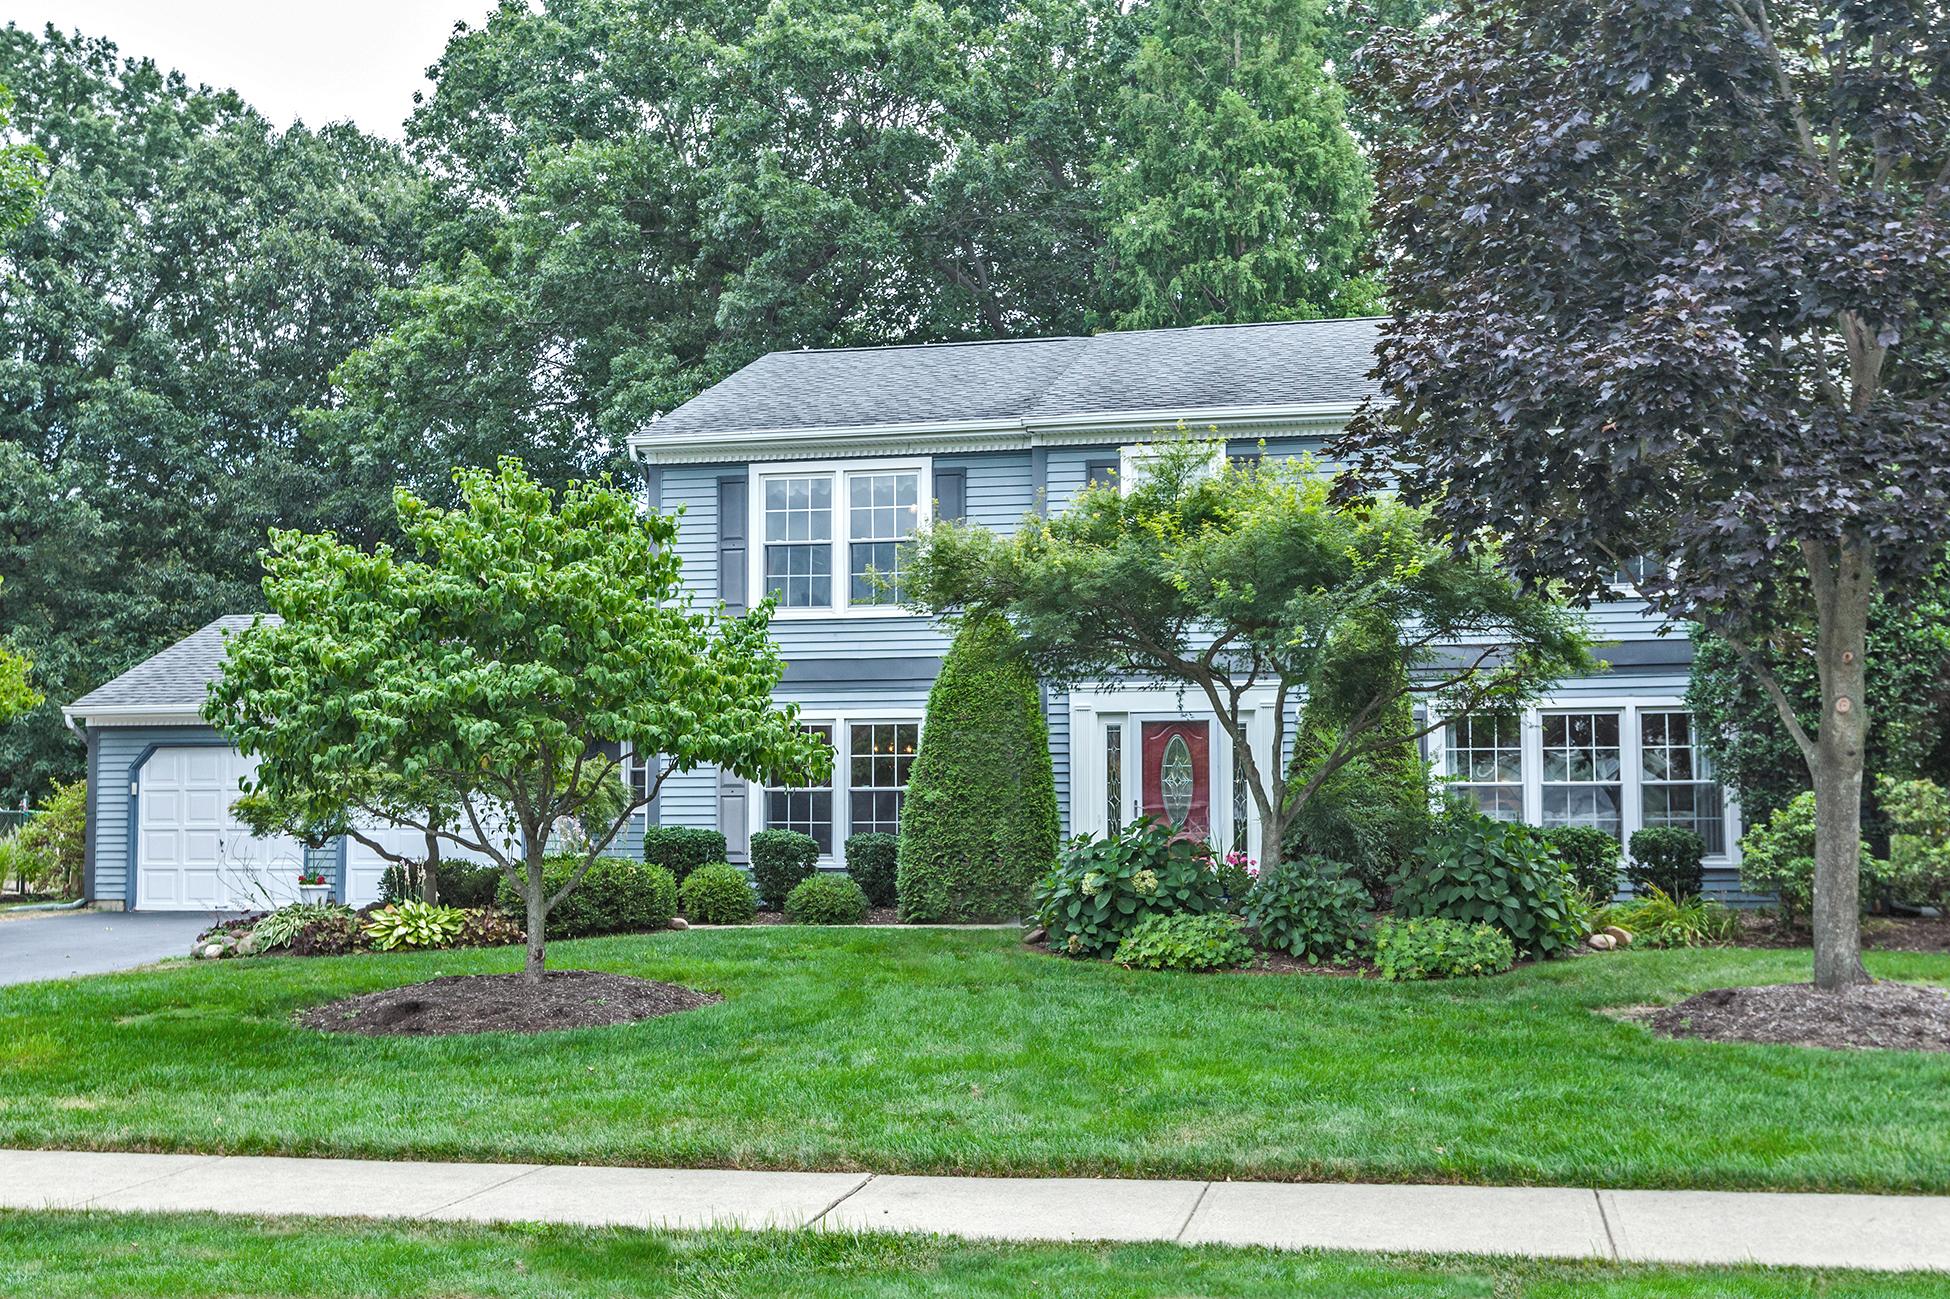 一戸建て のために 売買 アット Lovely Updated Interiors in a Quiet Neighborhood 15 Mershon Lane Plainsboro, ニュージャージー 08536 アメリカ合衆国